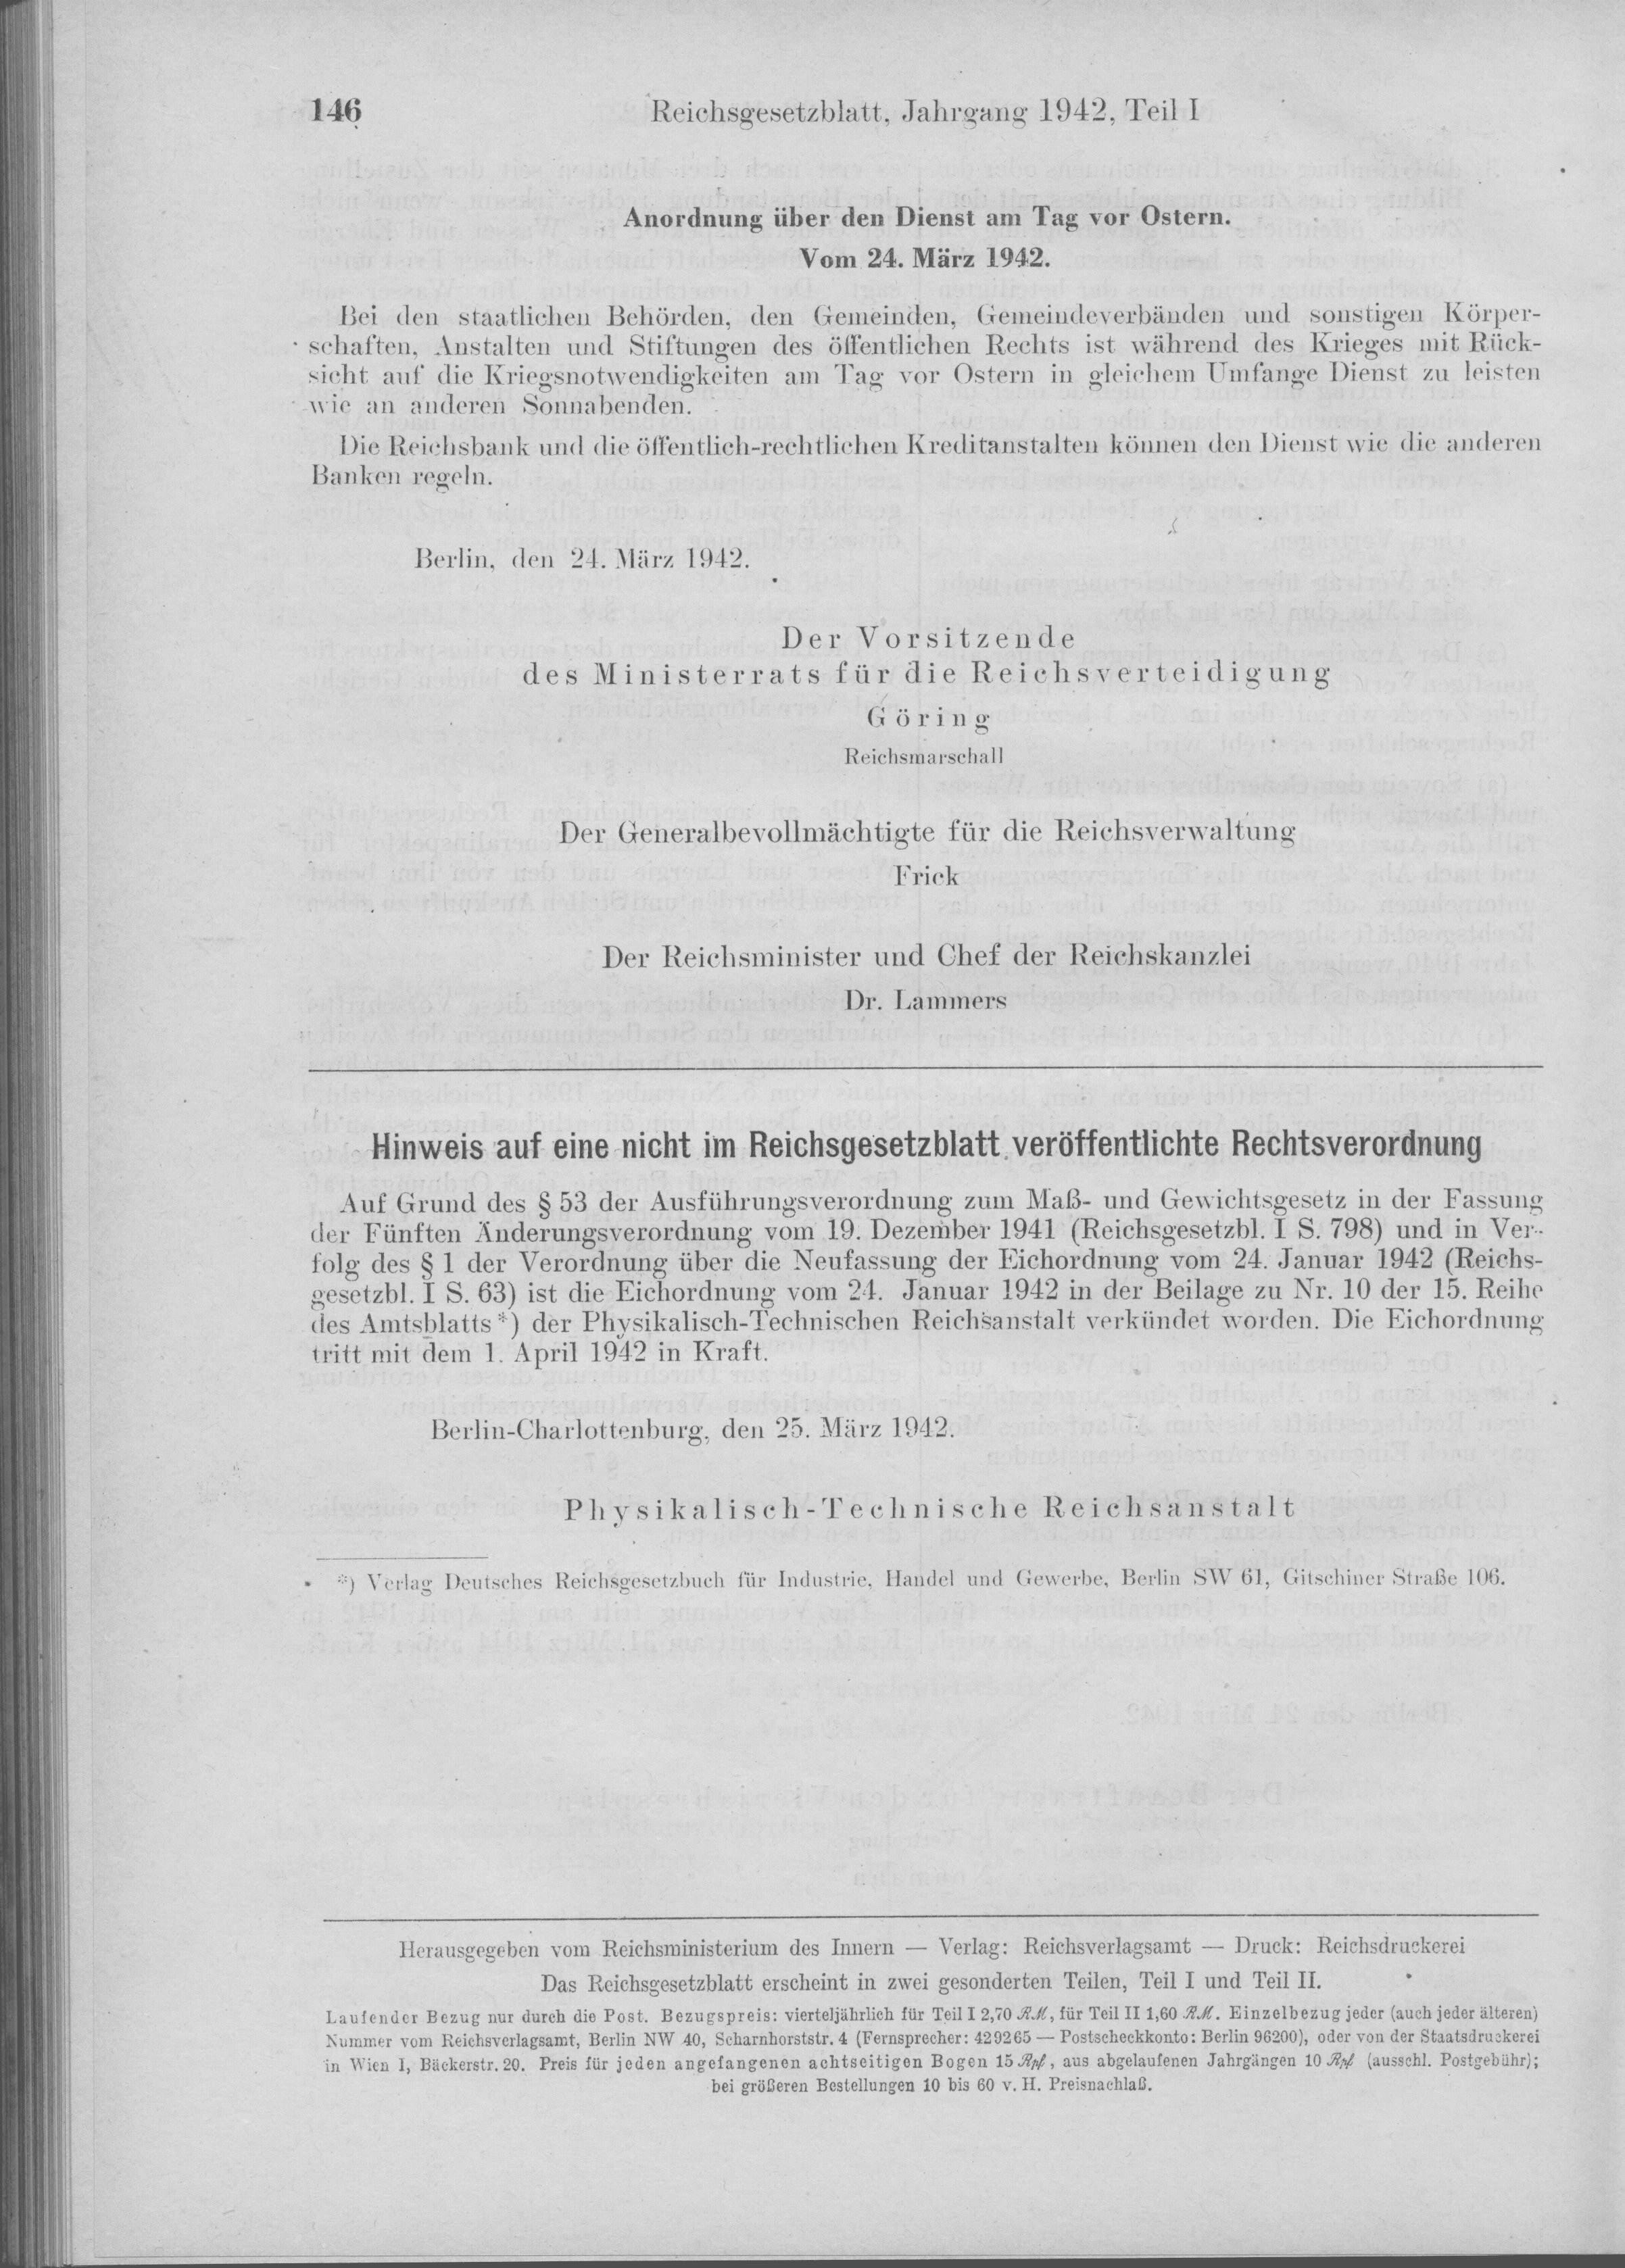 File:Deutsches Reichsgesetzblatt 42T1 028 0146.jpg - Wikimedia Commons